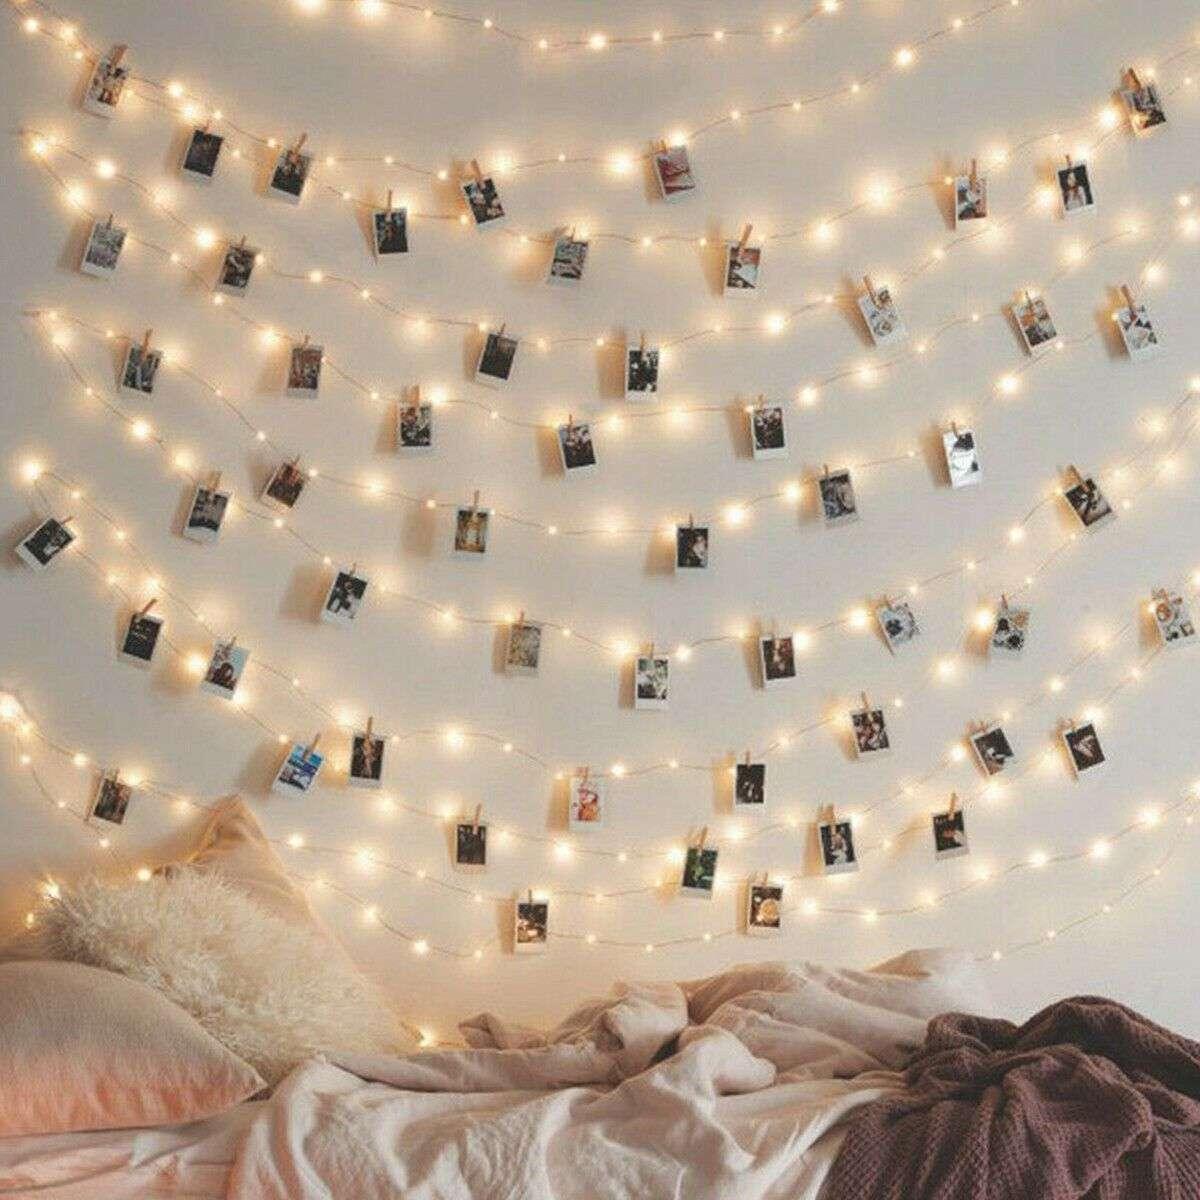 Crea un'atmosfera da sogno con queste luci